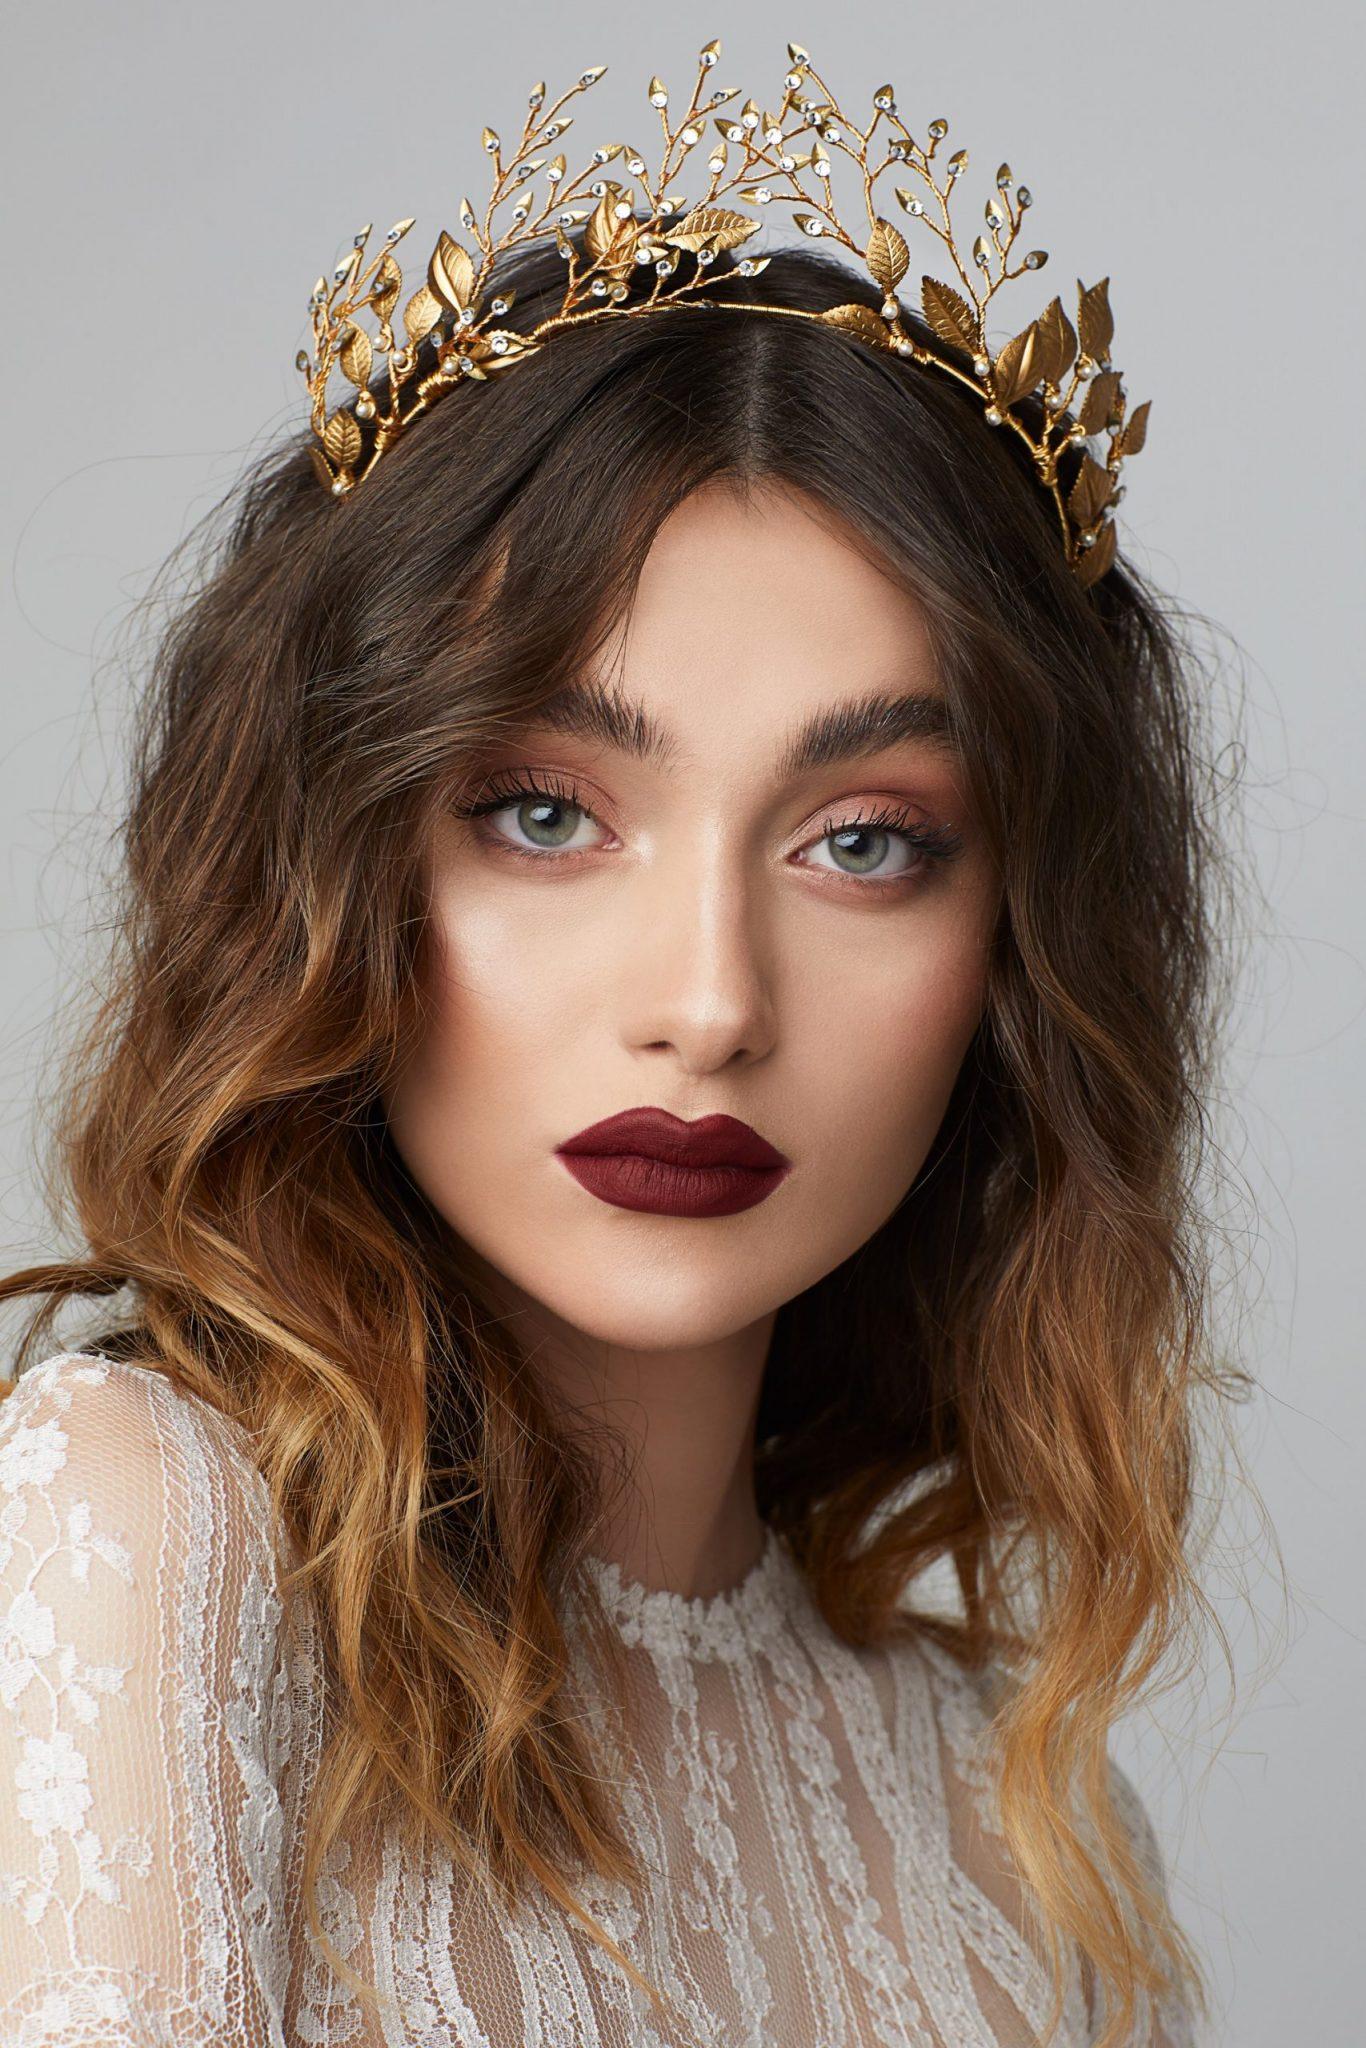 Cele mai frumoase acccesorii de par pentru mirese disponibile online. VOaluri volete comb pieptene accesoriu accesorii mireasa par coroane tiara bentite de par Sursa Lorelai.ro